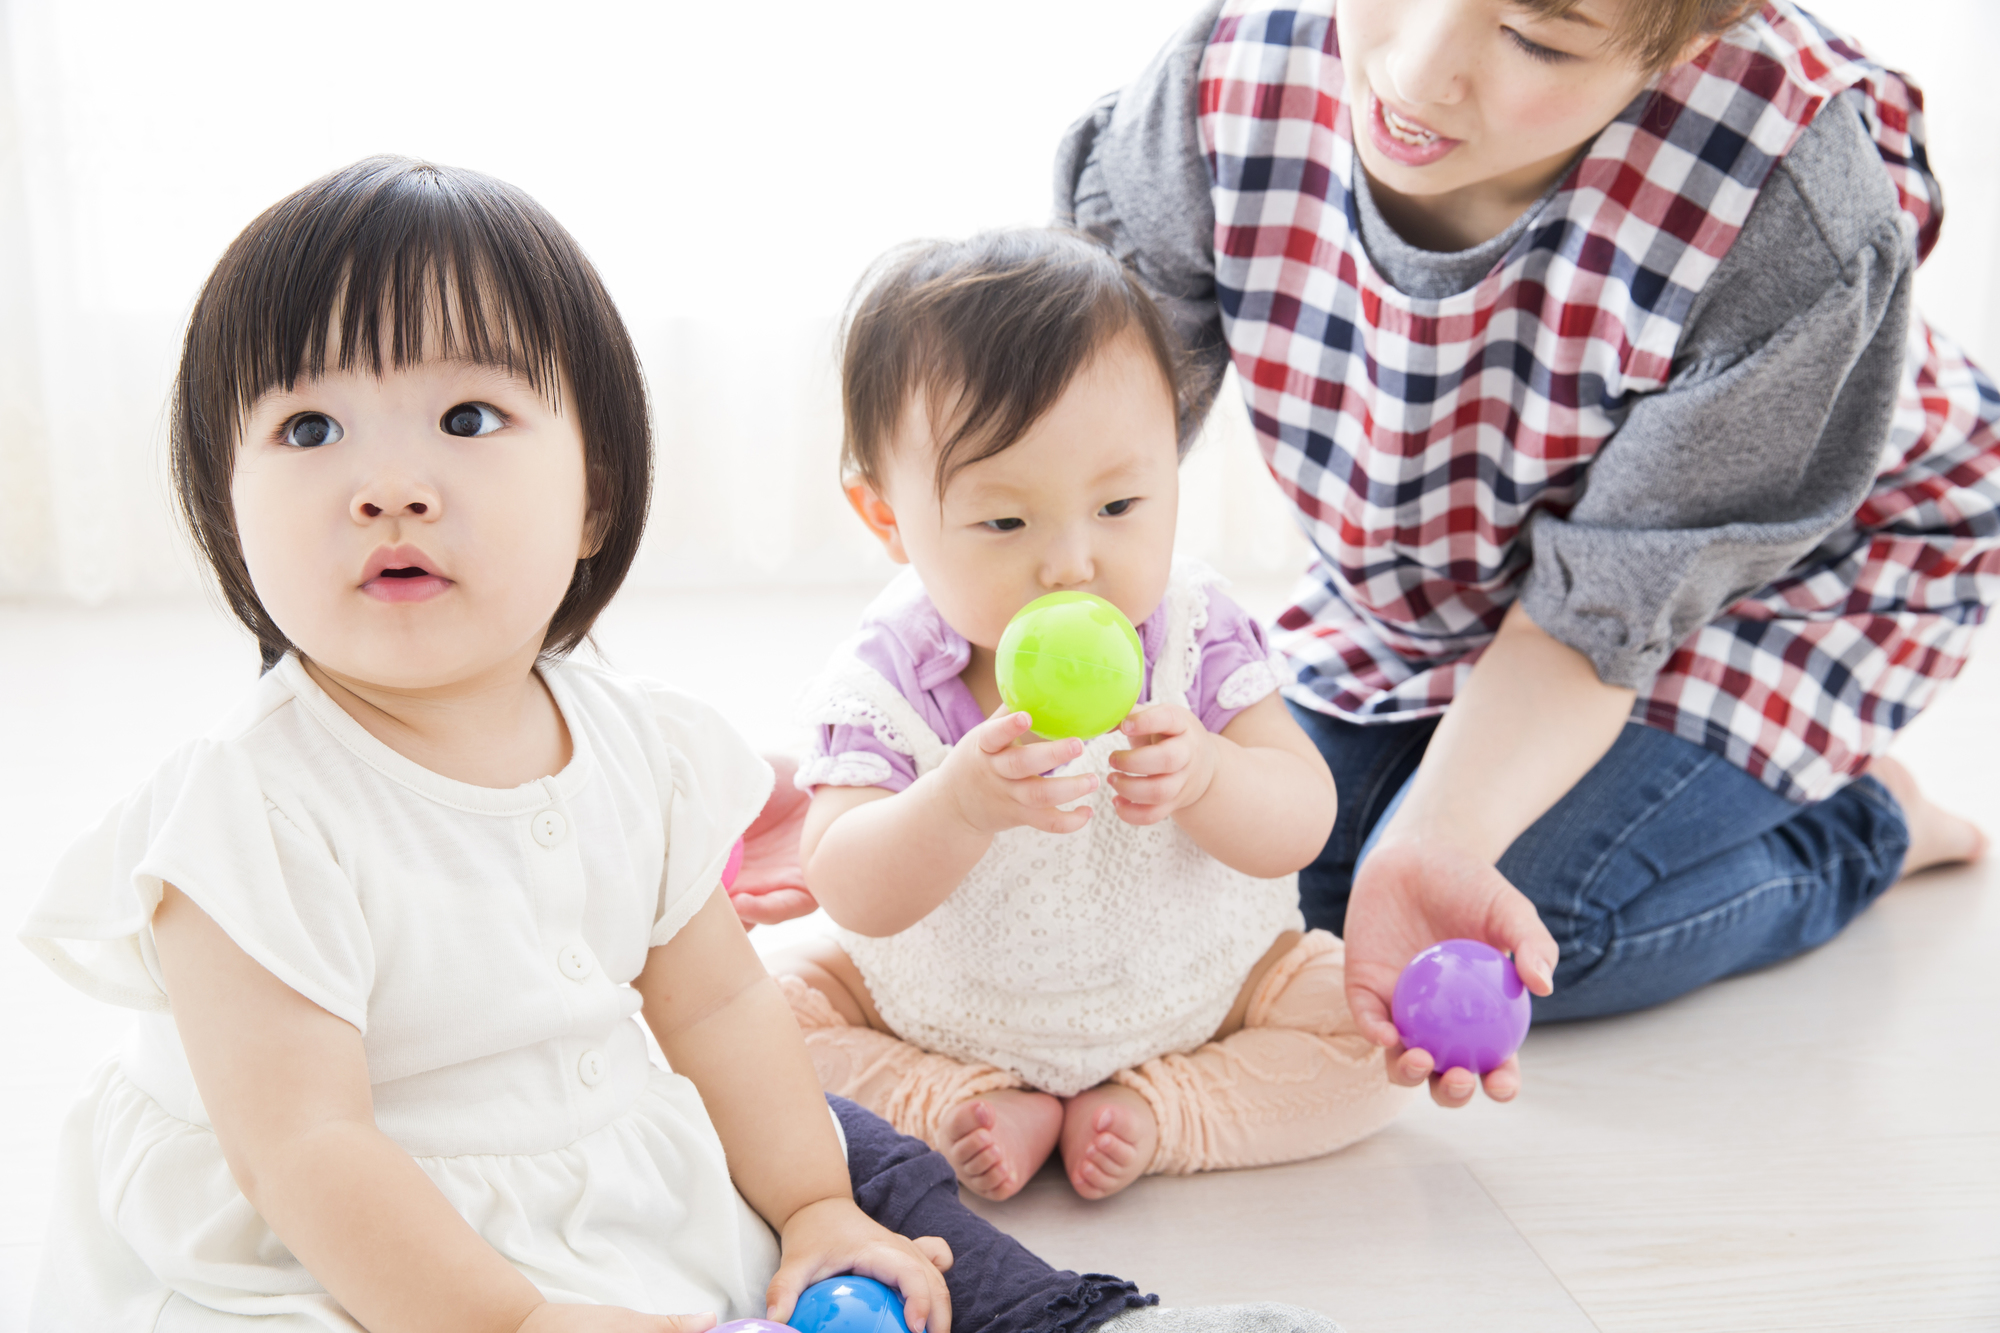 保育士と小さな子ども達